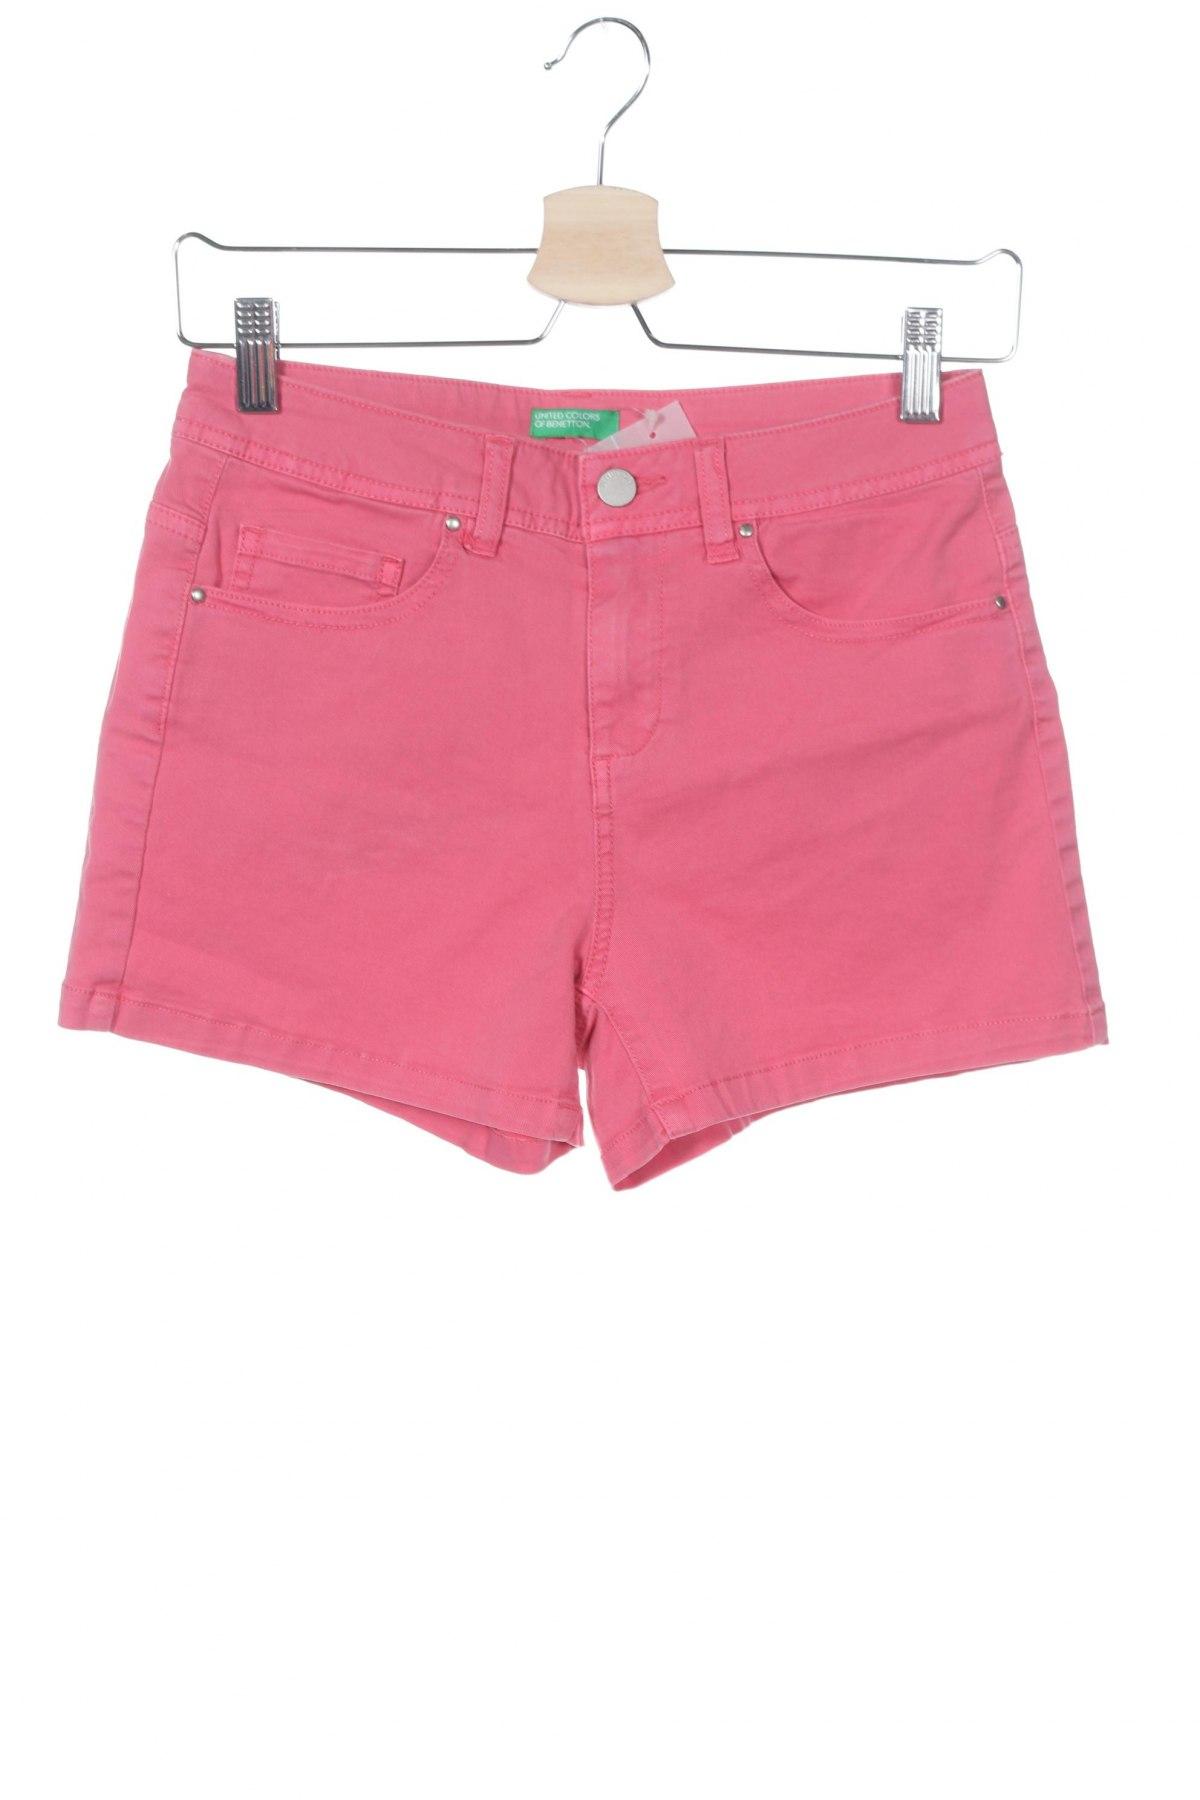 Γυναικείο κοντό παντελόνι United Colors Of Benetton, Μέγεθος XS, Χρώμα Ρόζ , 98% βαμβάκι, 2% ελαστάνη, Τιμή 15,21€